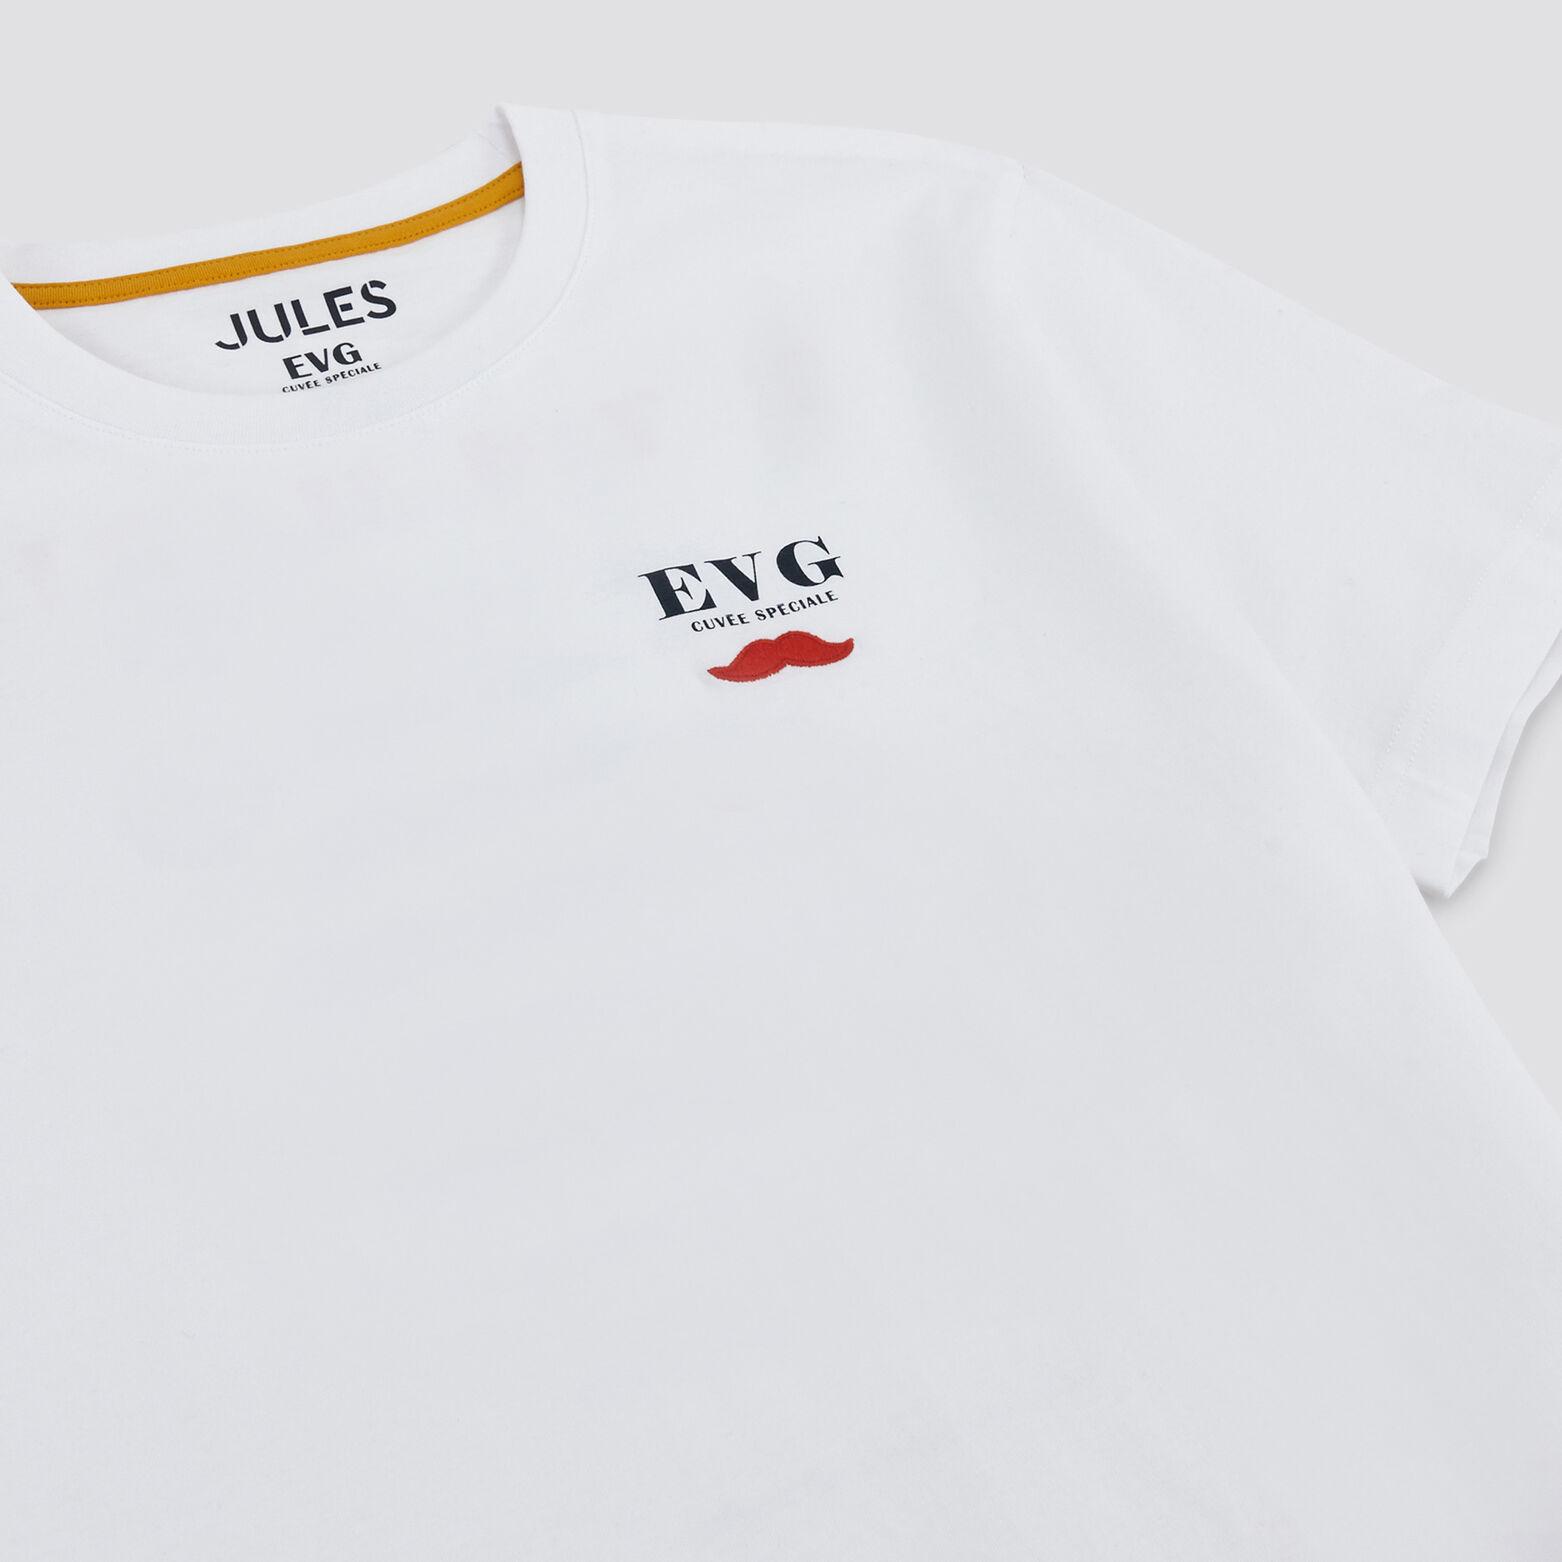 """Tee shirt EVG enterrement vie de garçon """"in progre"""